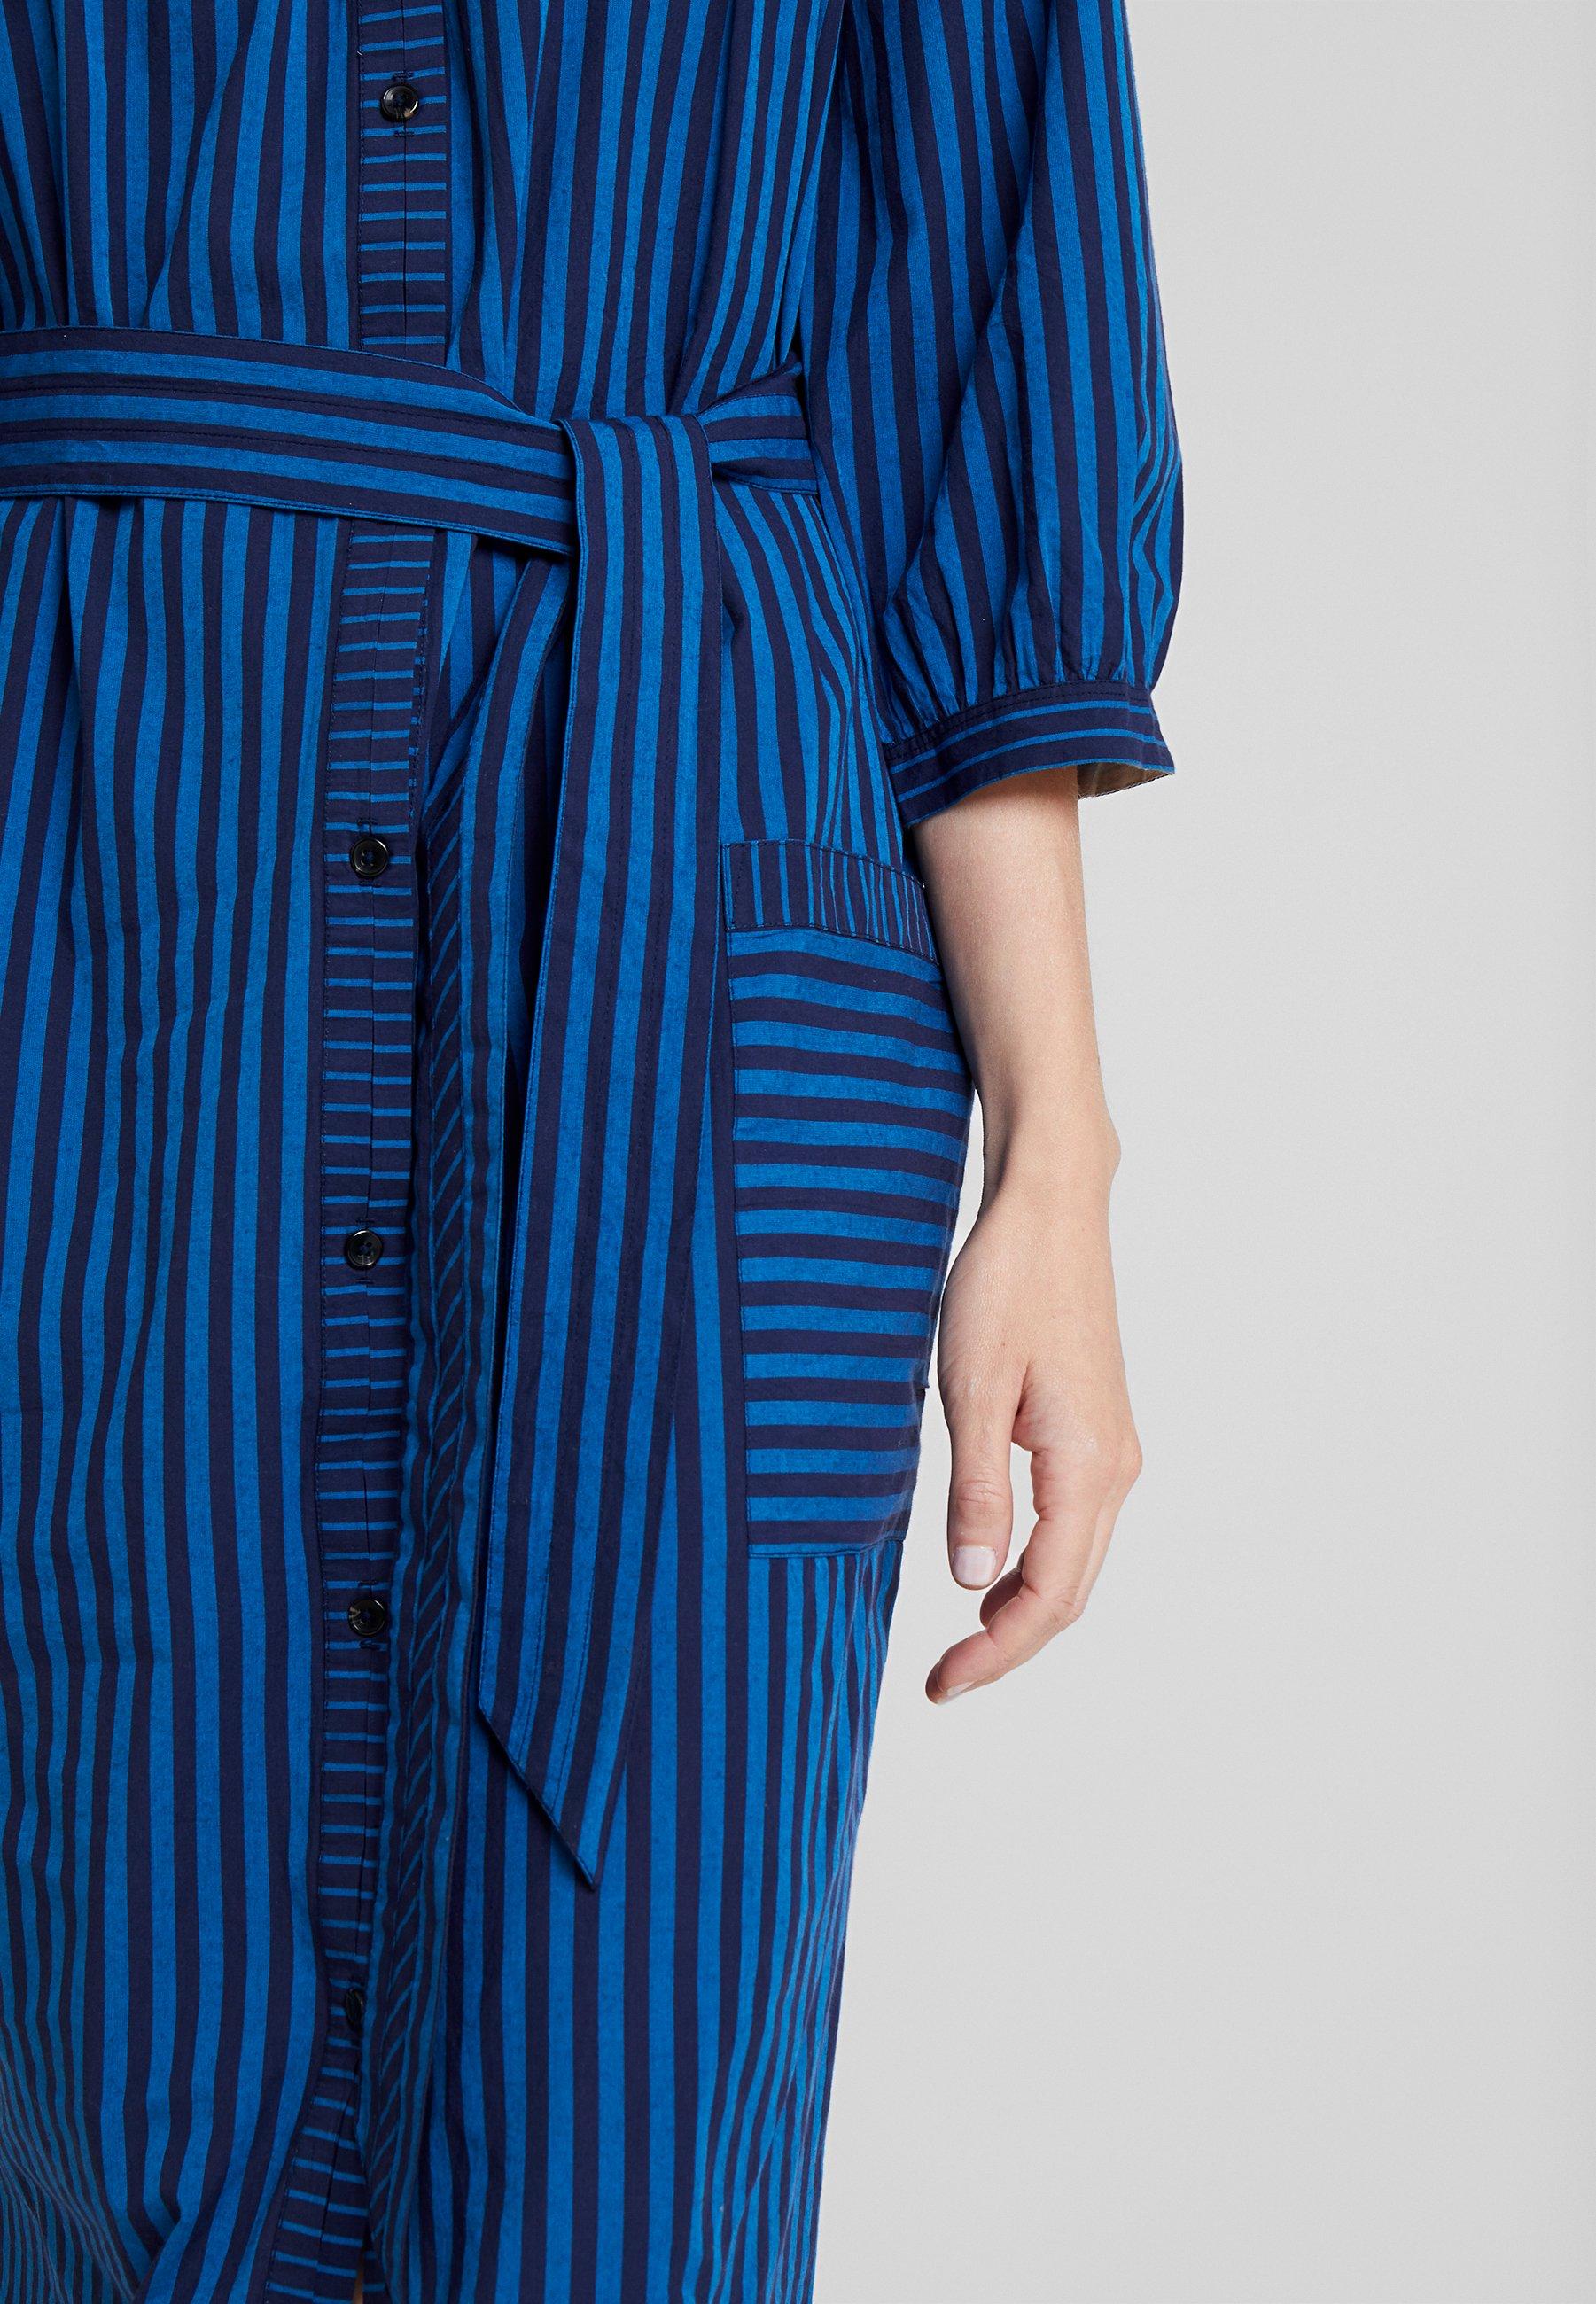 Noa Noa STRIPE MIX Blusenkleid art blue/blau